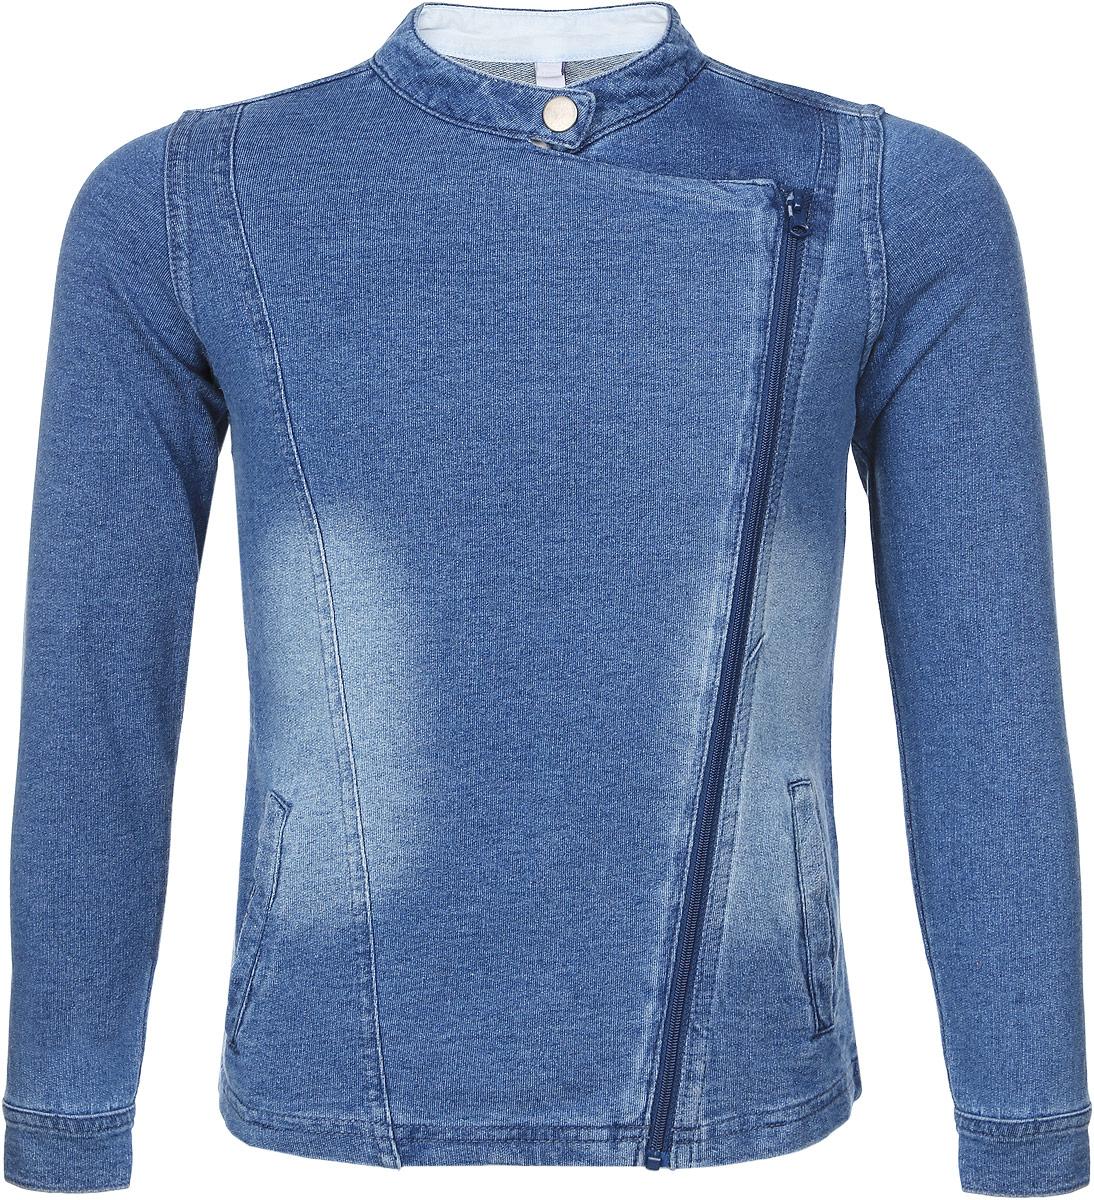 Куртка162151Стильная куртка для девочки PlayToday, выполненная из натурального хлопка, она необычайно мягкая и приятная на ощупь, не сковывает движения ребенка и позволяет коже дышать, не раздражает даже самую нежную и чувствительную кожу, обеспечивая ему наибольший комфорт. Куртка с запахом, длинными рукавами и воротником-стойкой застегивается на застежку-молнию и сверху на кнопку. Спереди она дополнена двумя прорезными кармашками. Манжеты рукавов регулируются по ширине за счет кнопок. Оригинальный современный дизайн и модная расцветка делают эту куртку модным и стильным предметом детского гардероба. В ней ваша малышка будет чувствовать себя уютно и комфортно, и всегда будет в центре внимания!